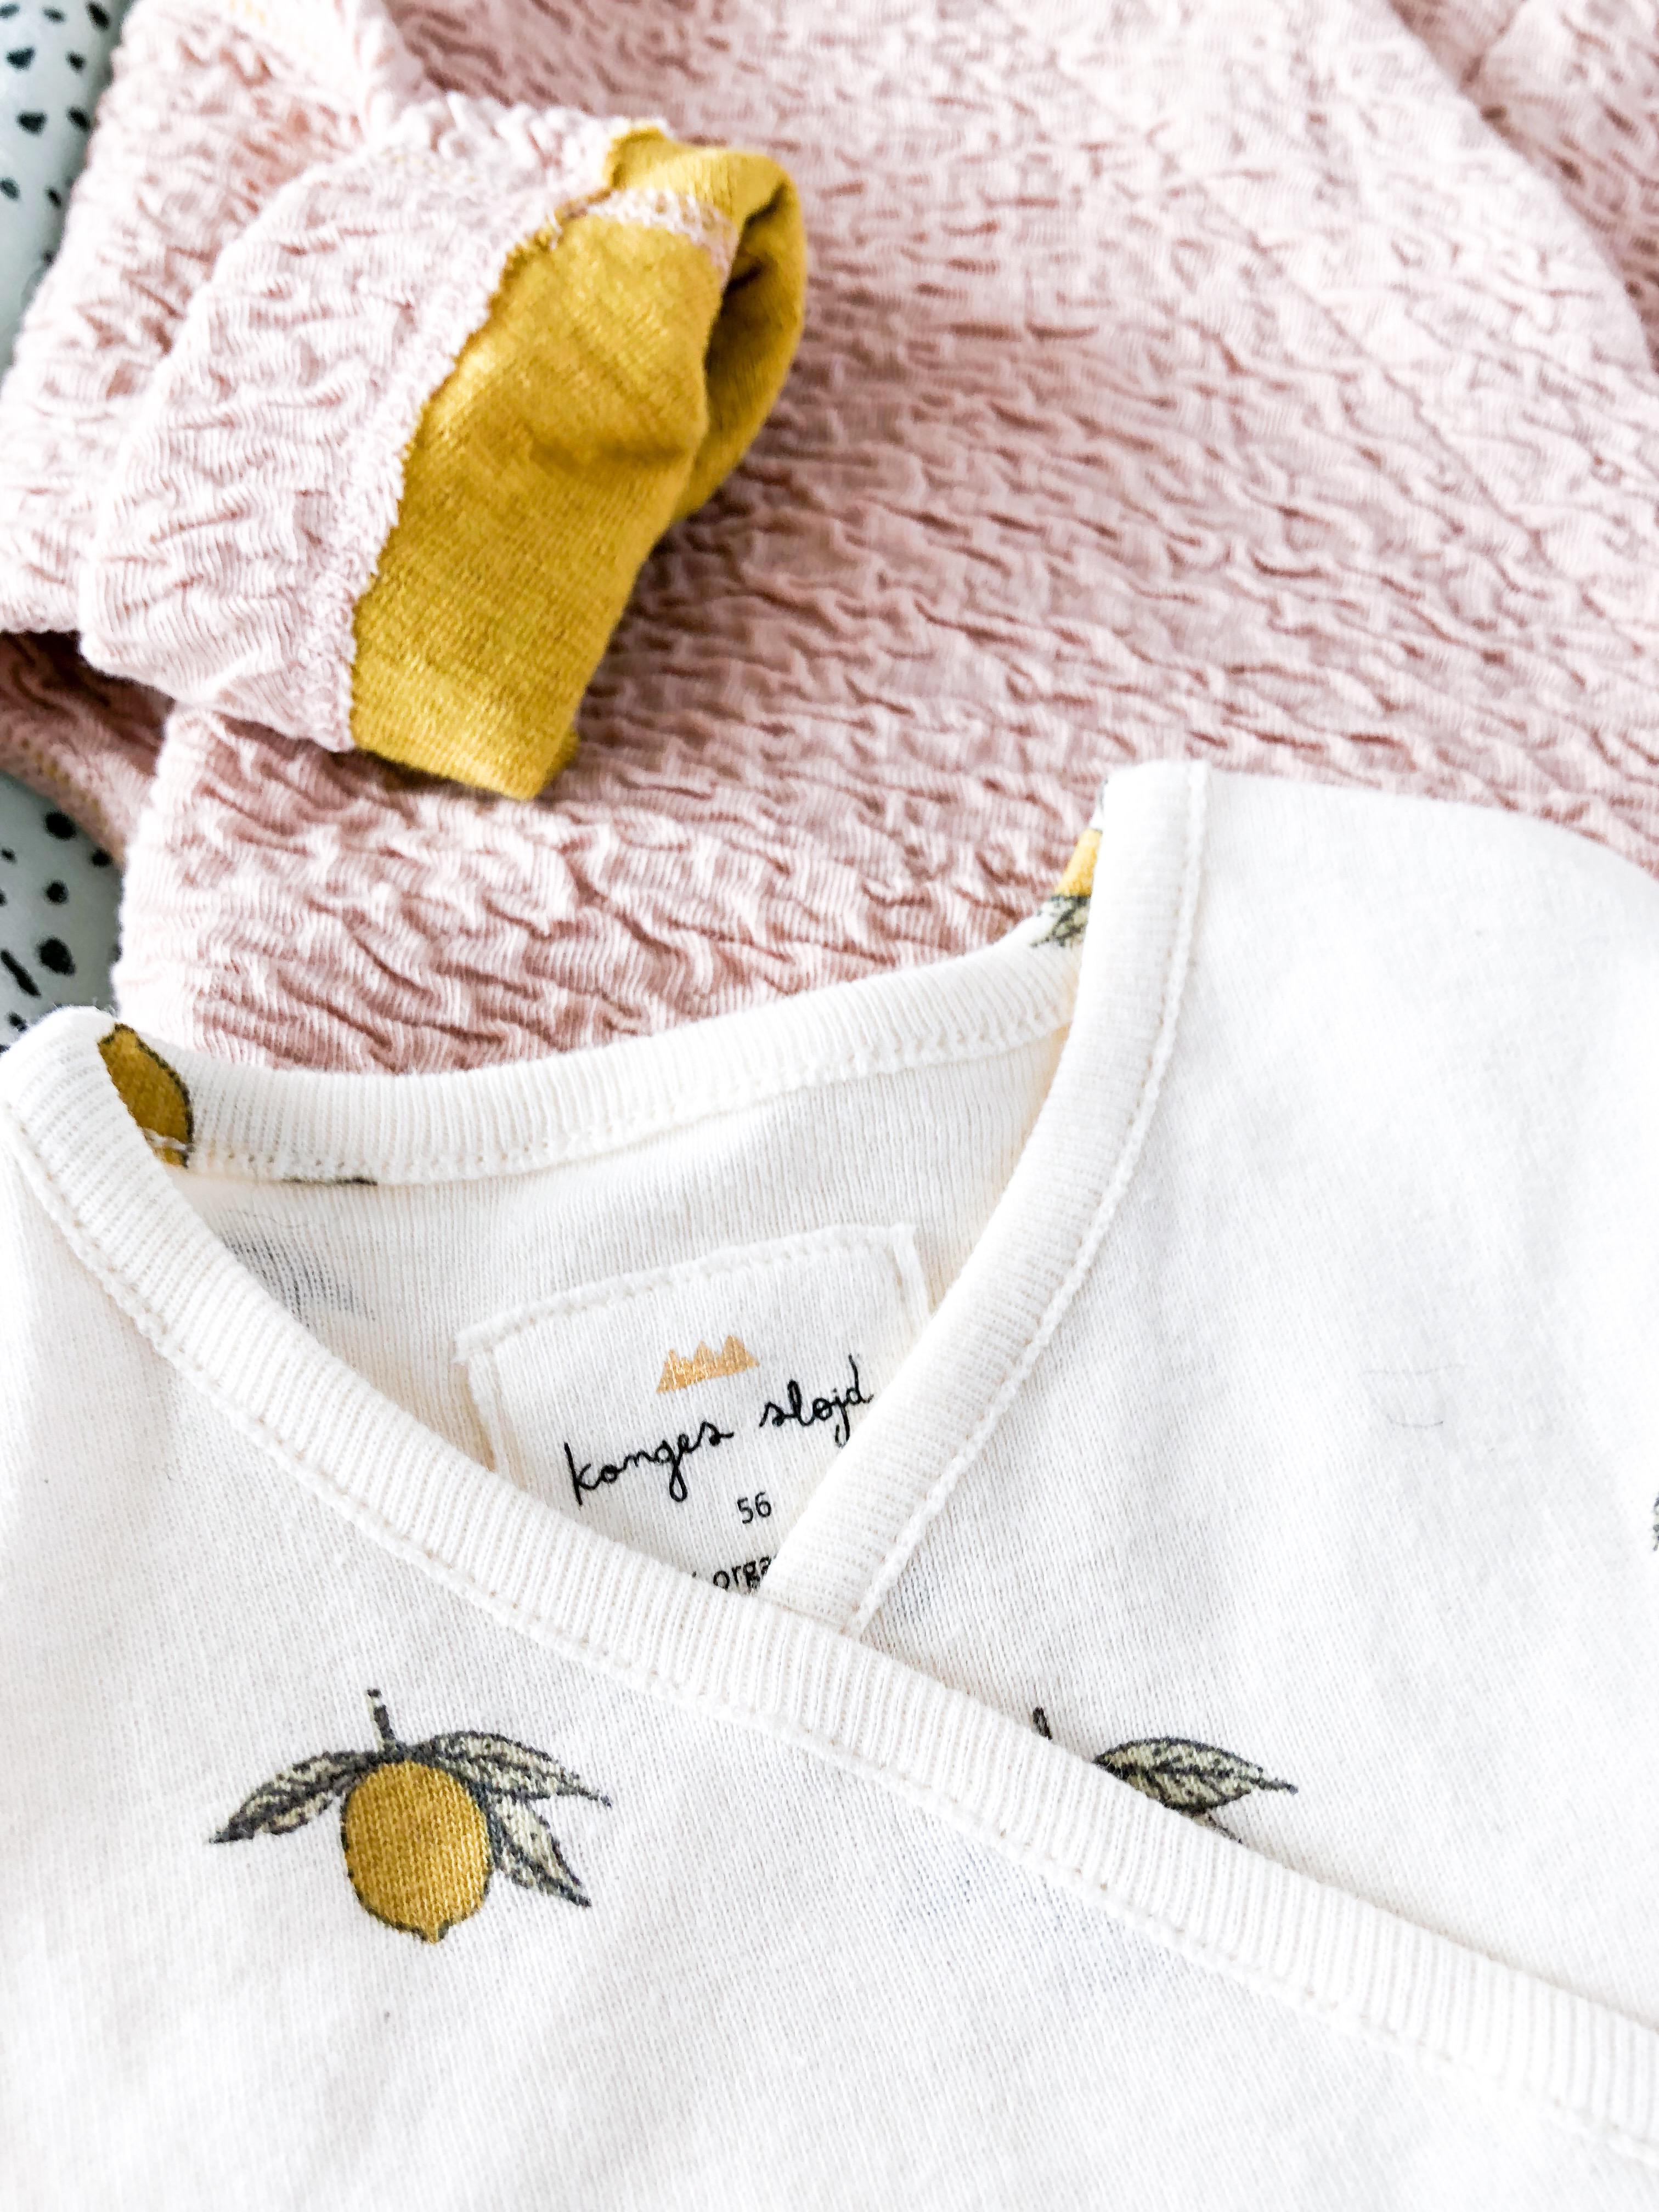 Erstausstattung für's Baby - Wickeljacke von Macarons Fashion und Wickelbody von Kongos Slojd